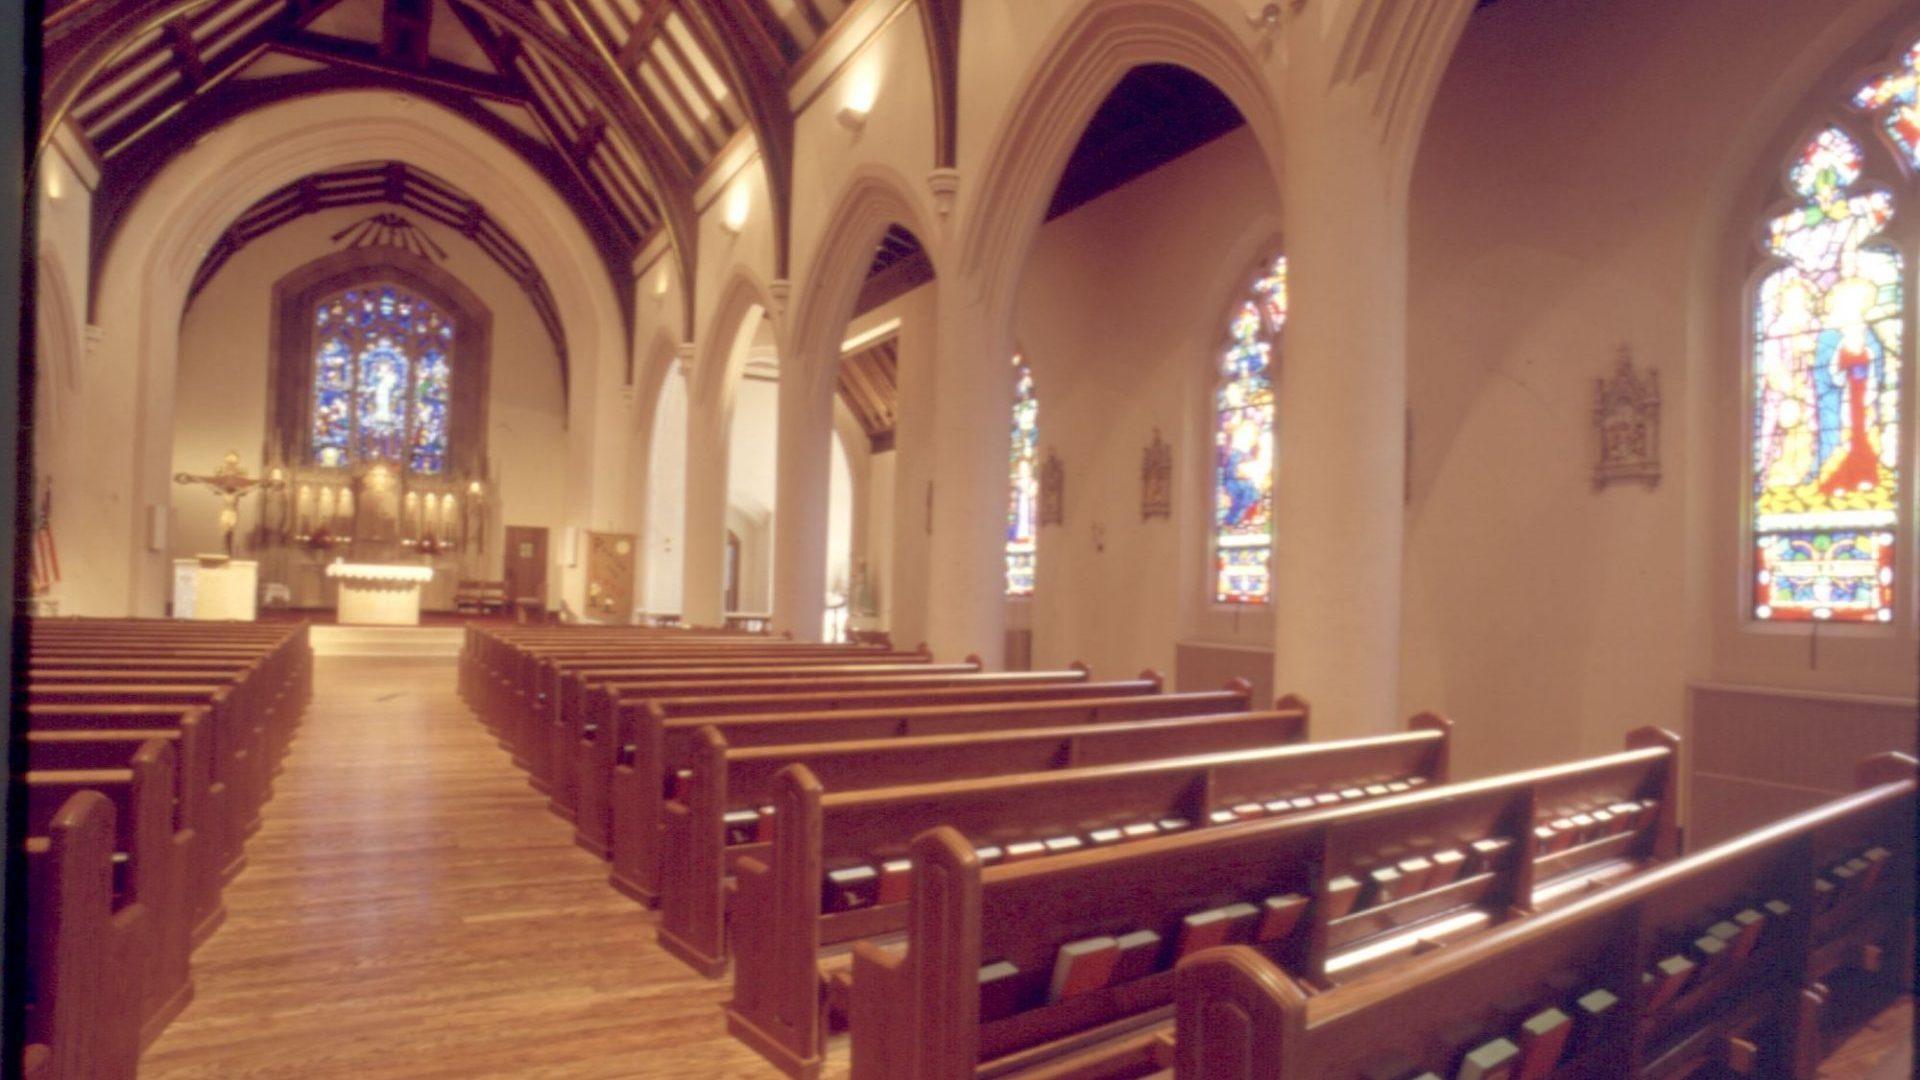 St. Mary's of Mt. Carmel